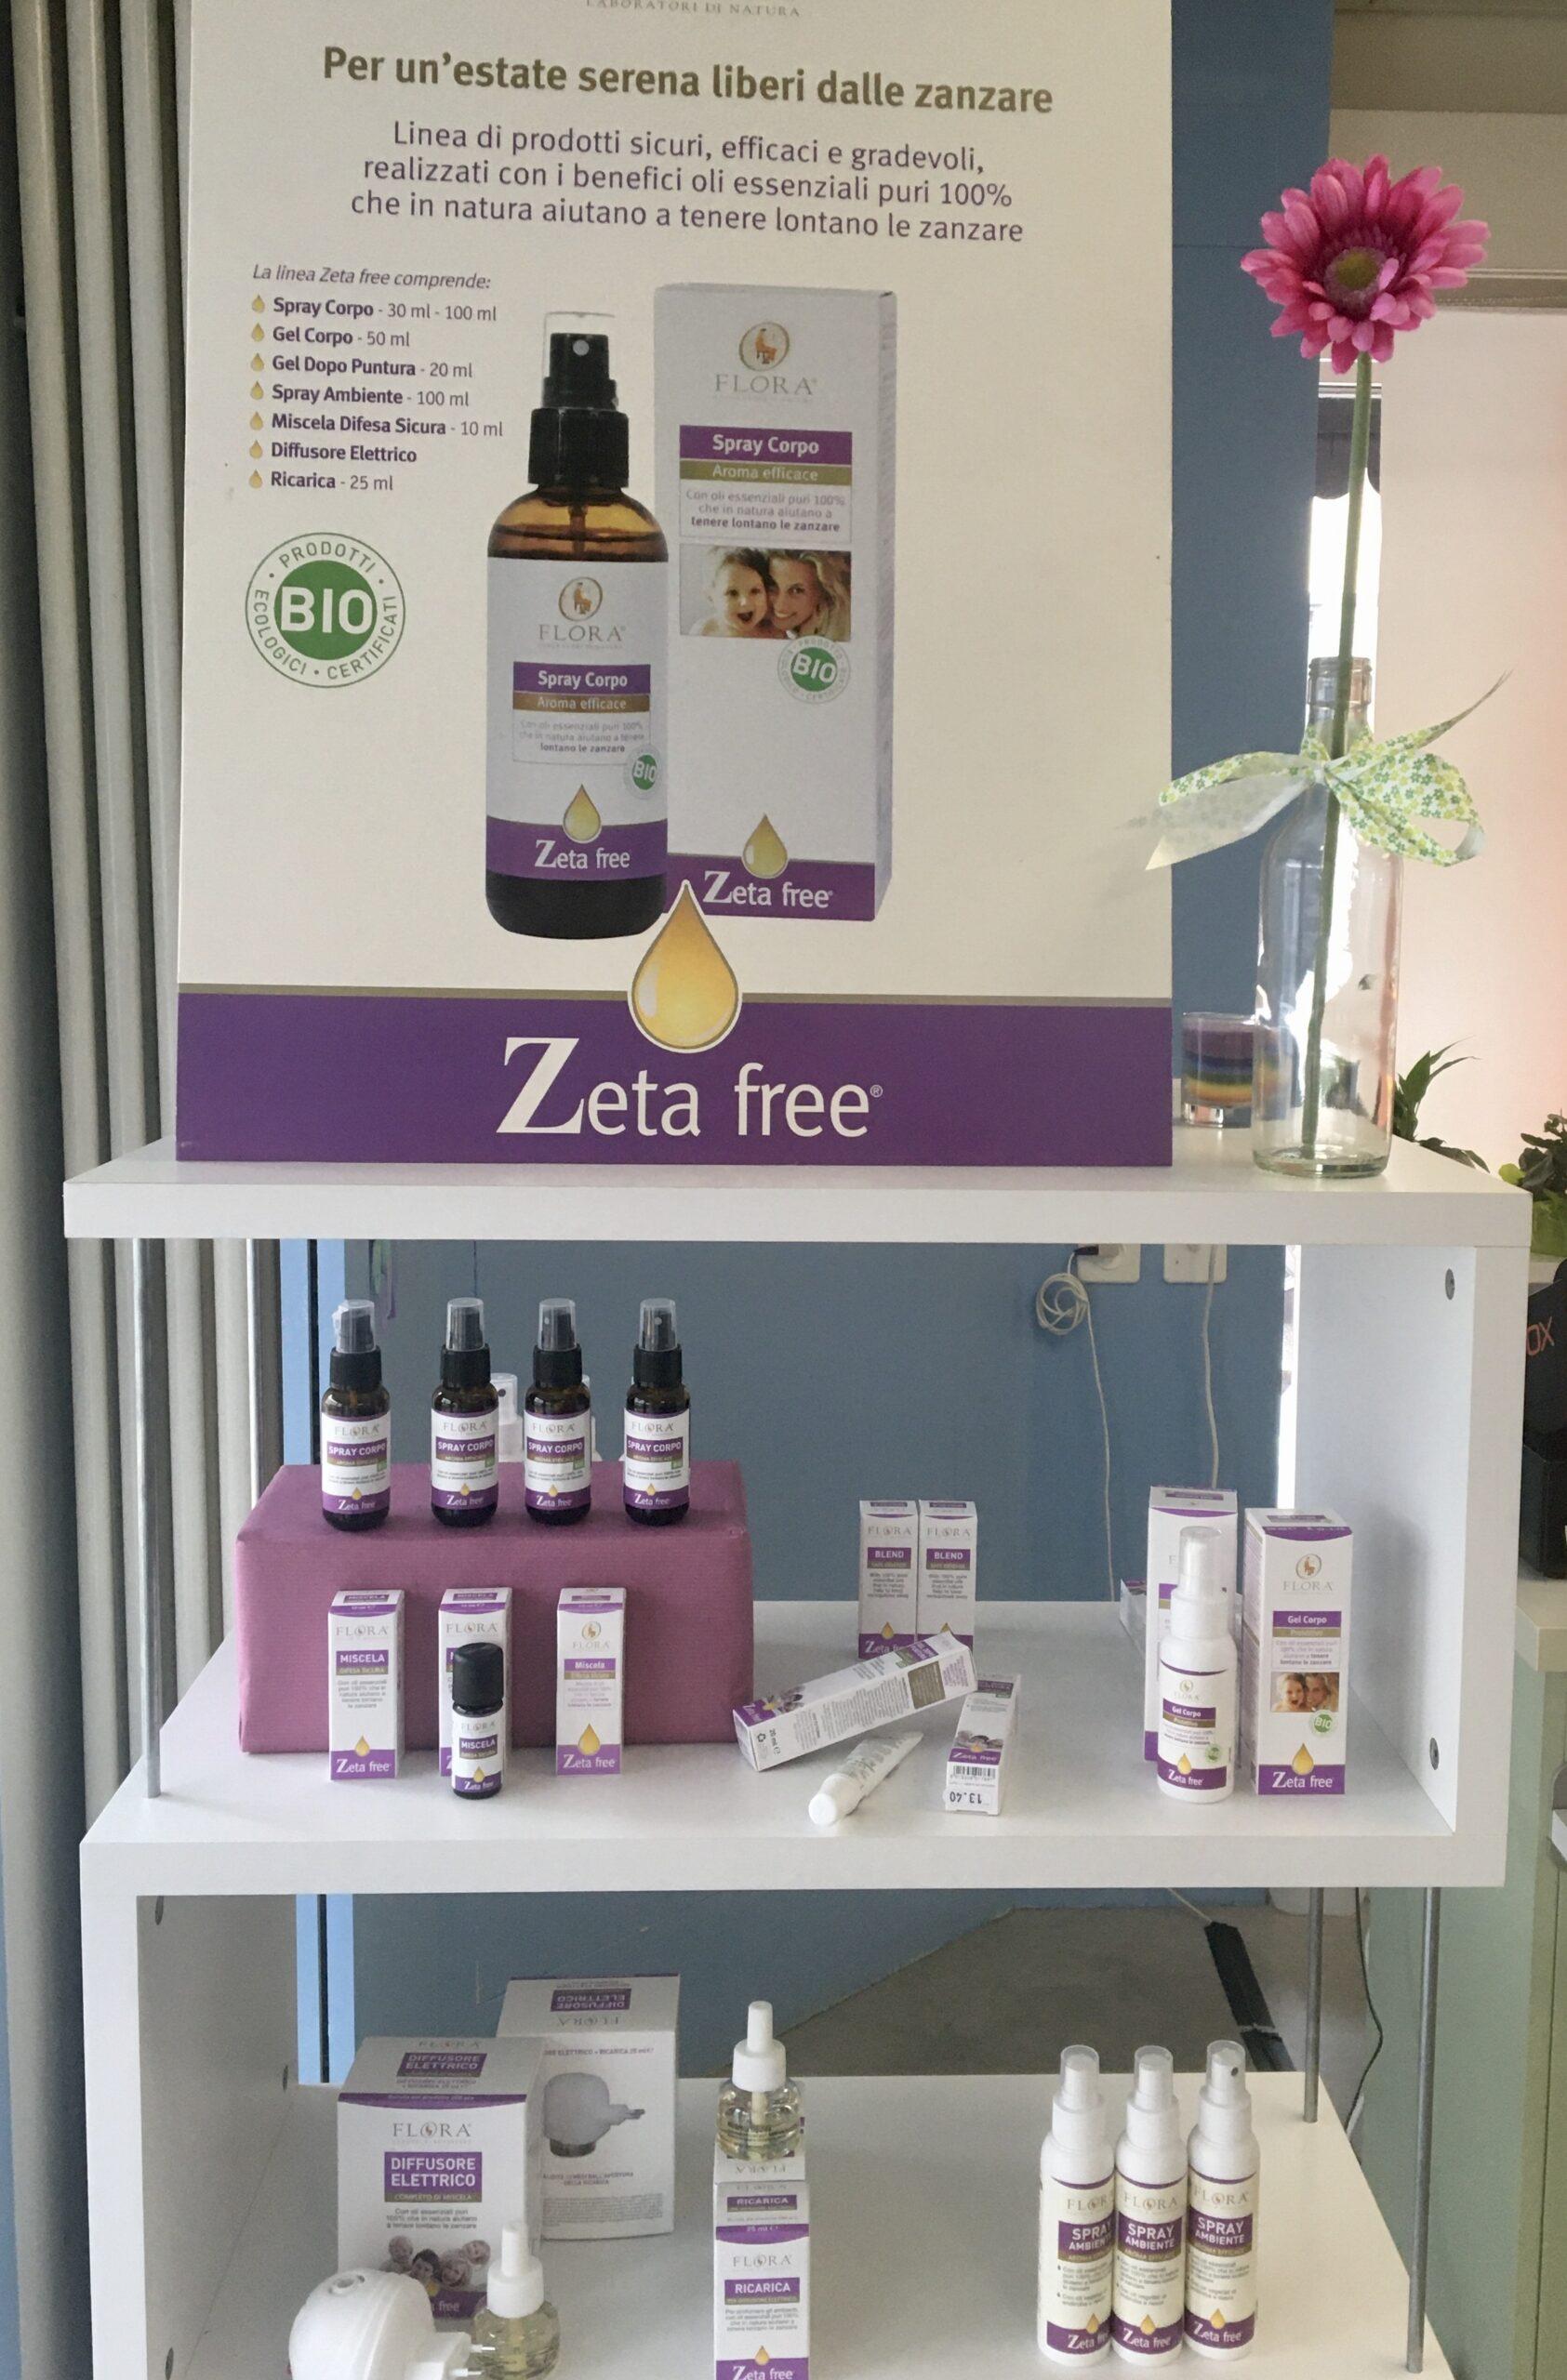 Flora Zeta free